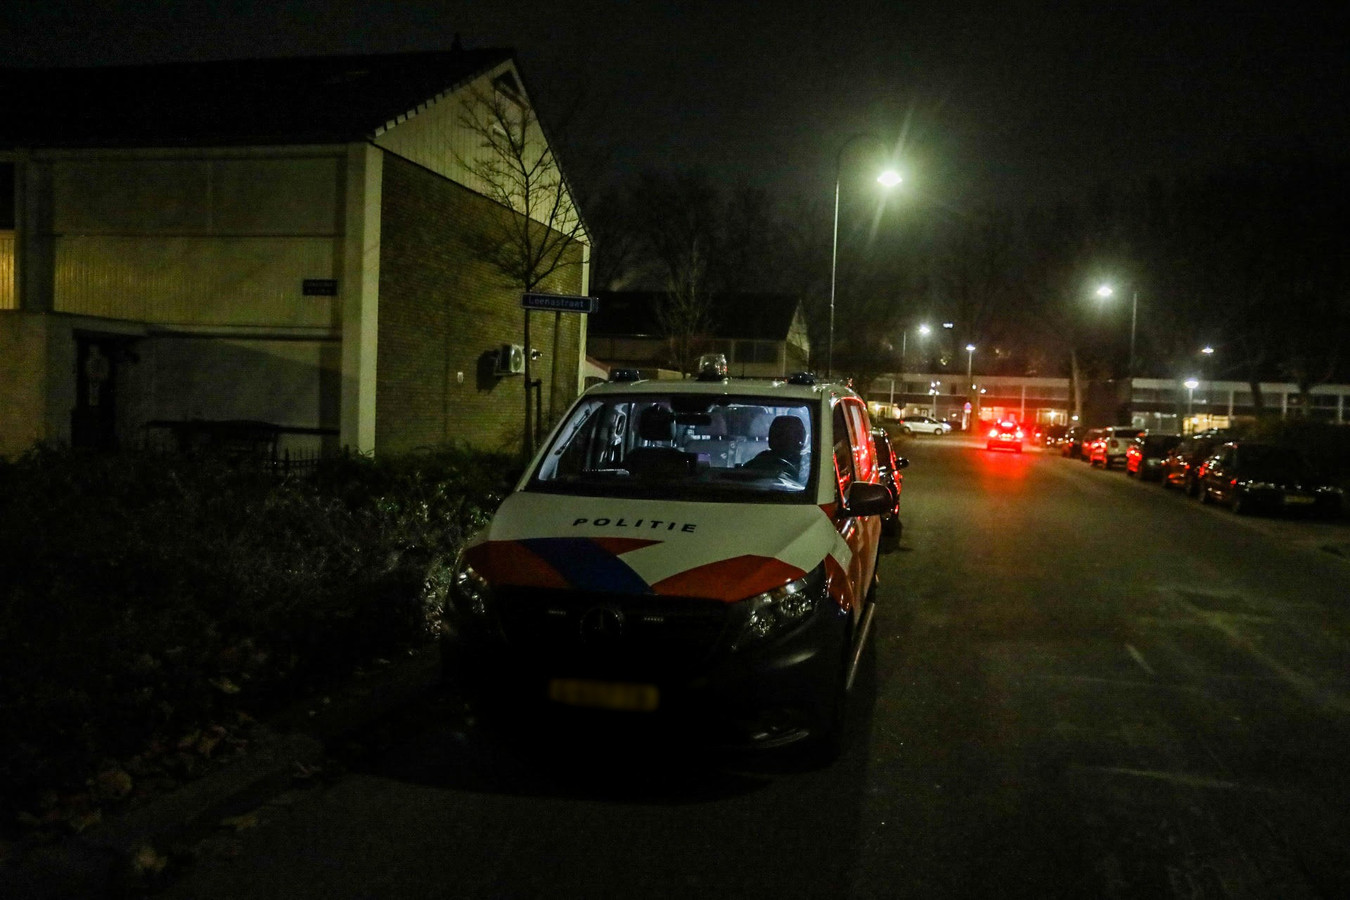 Politie aanwezig na de straafroof in Helmond.